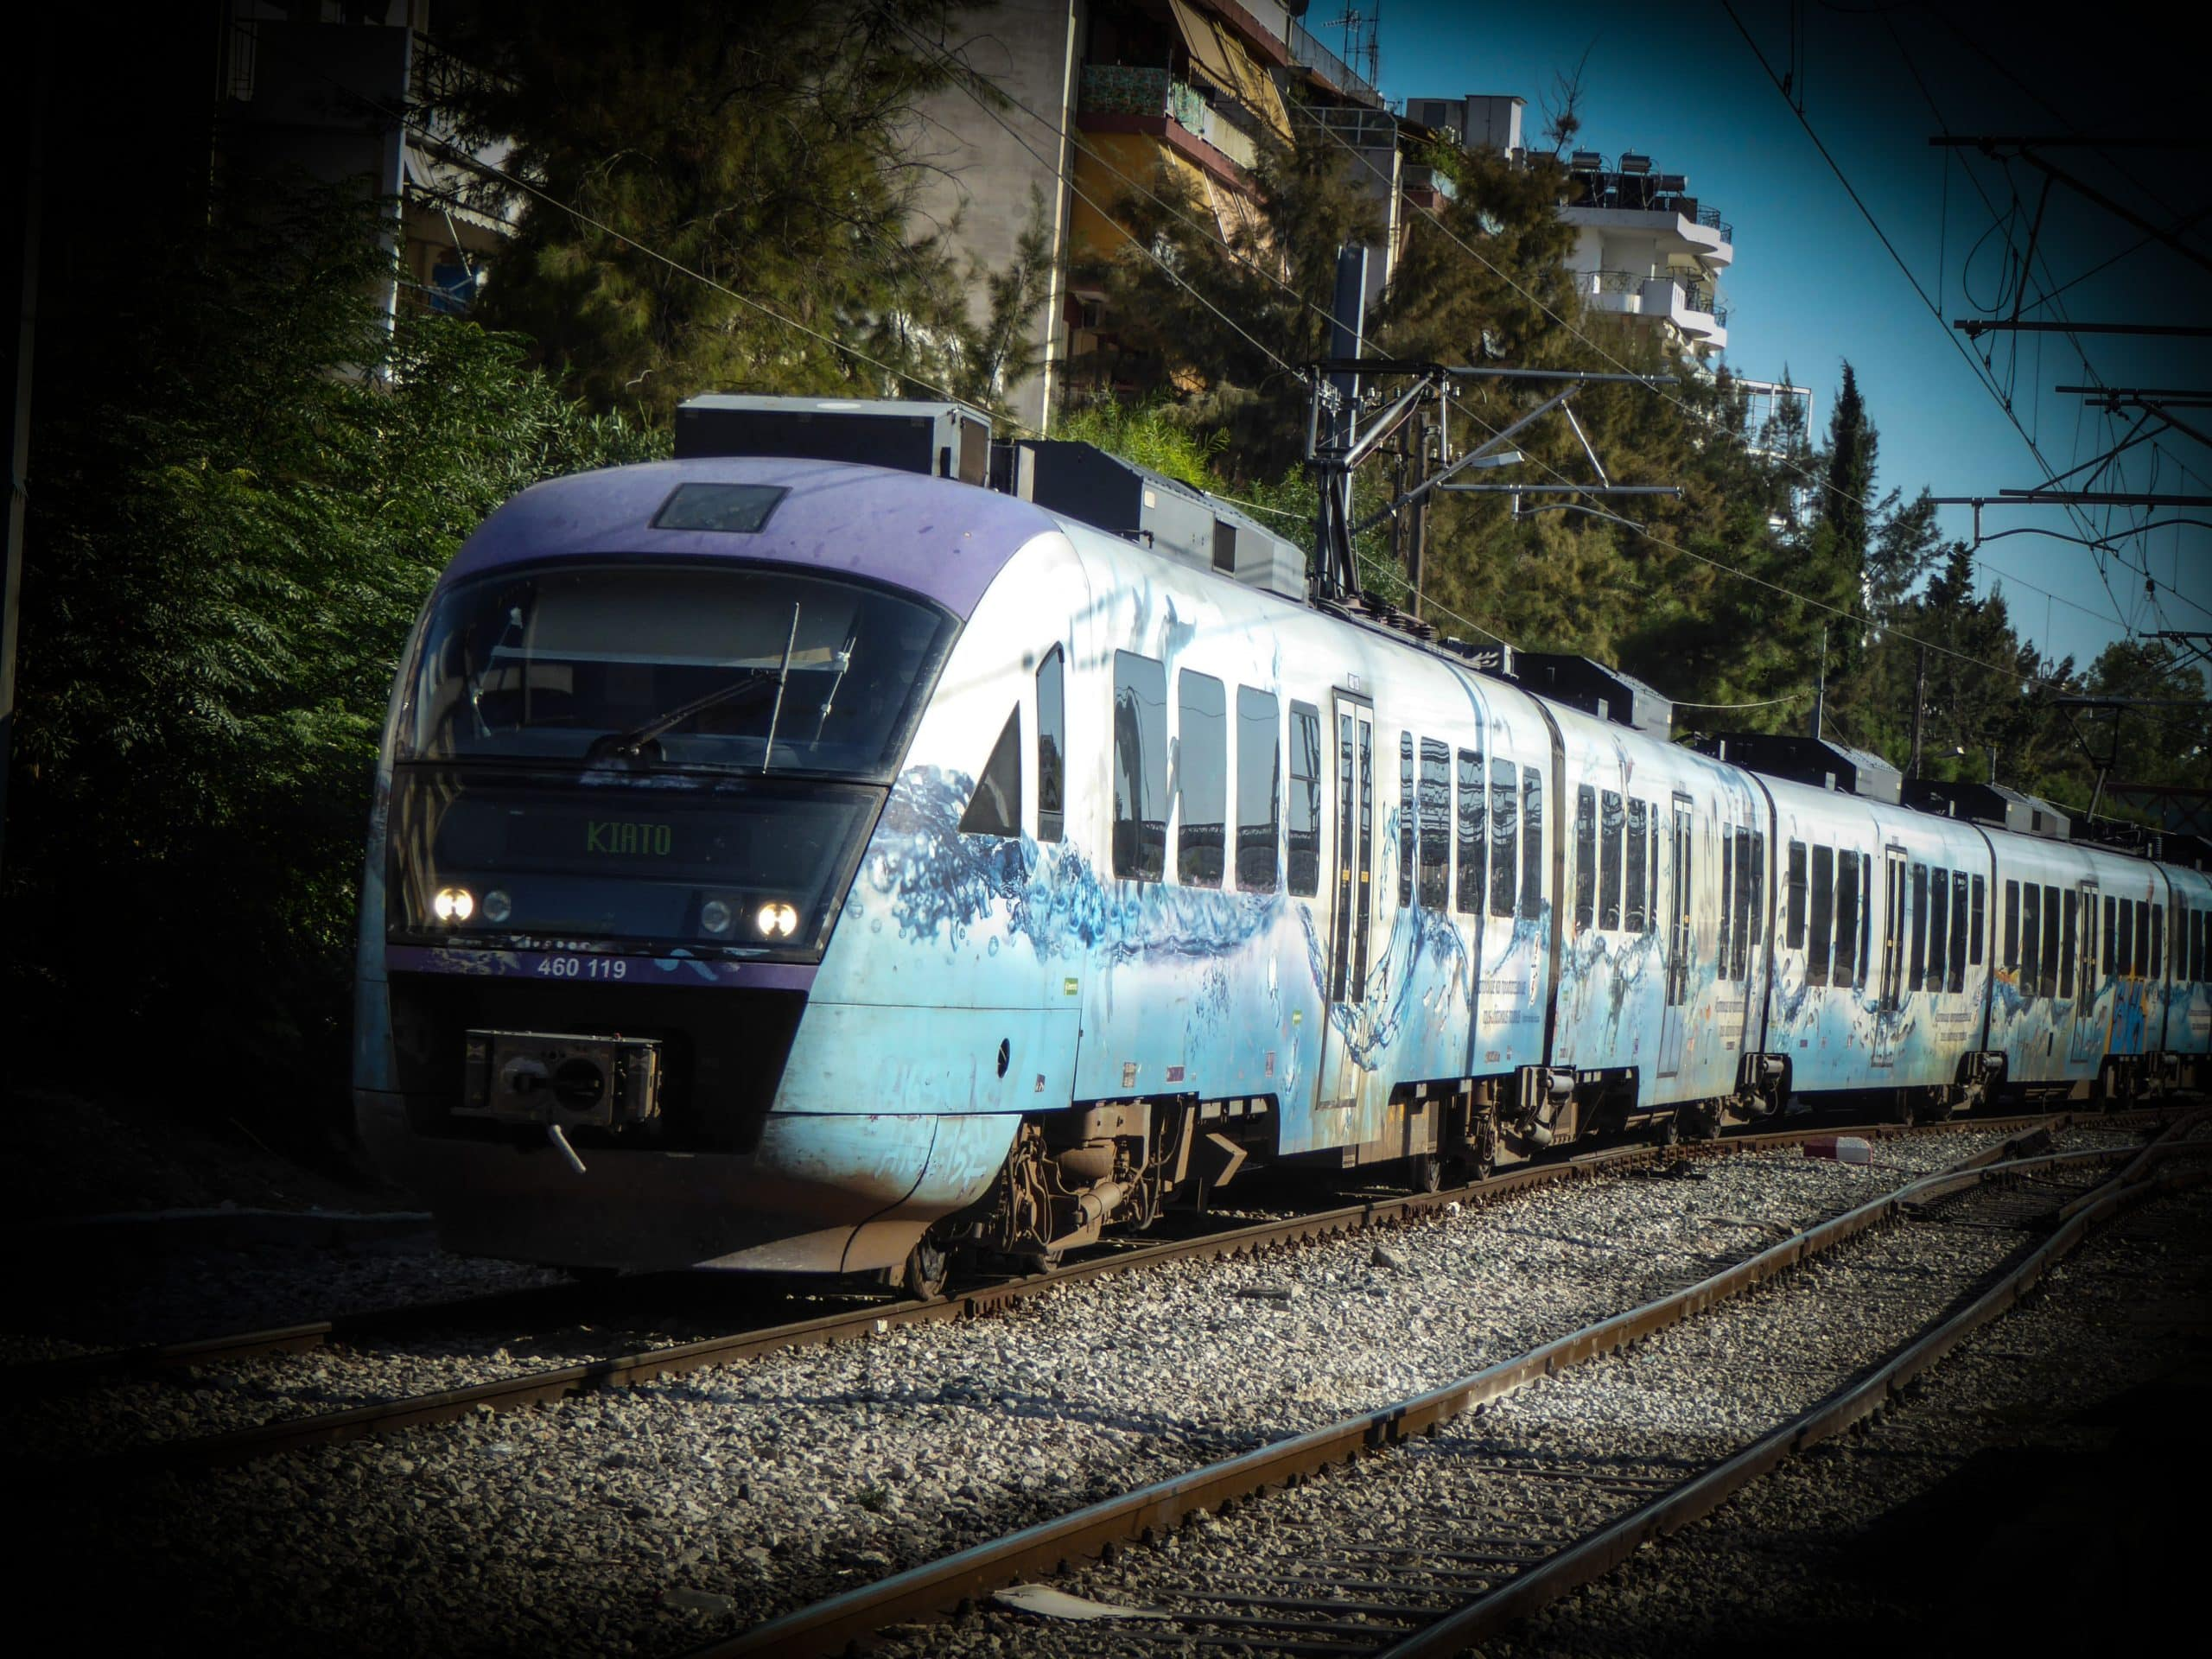 Απεργία αύριο ΜΜΜ: Κρίθηκε παράνομη Κανονικά Προαστιακός ΟΣΕ Απεργία Προαστιακός τρένα 5, 7, 12 Νοεμβρίου - Στάσεις εργασίας